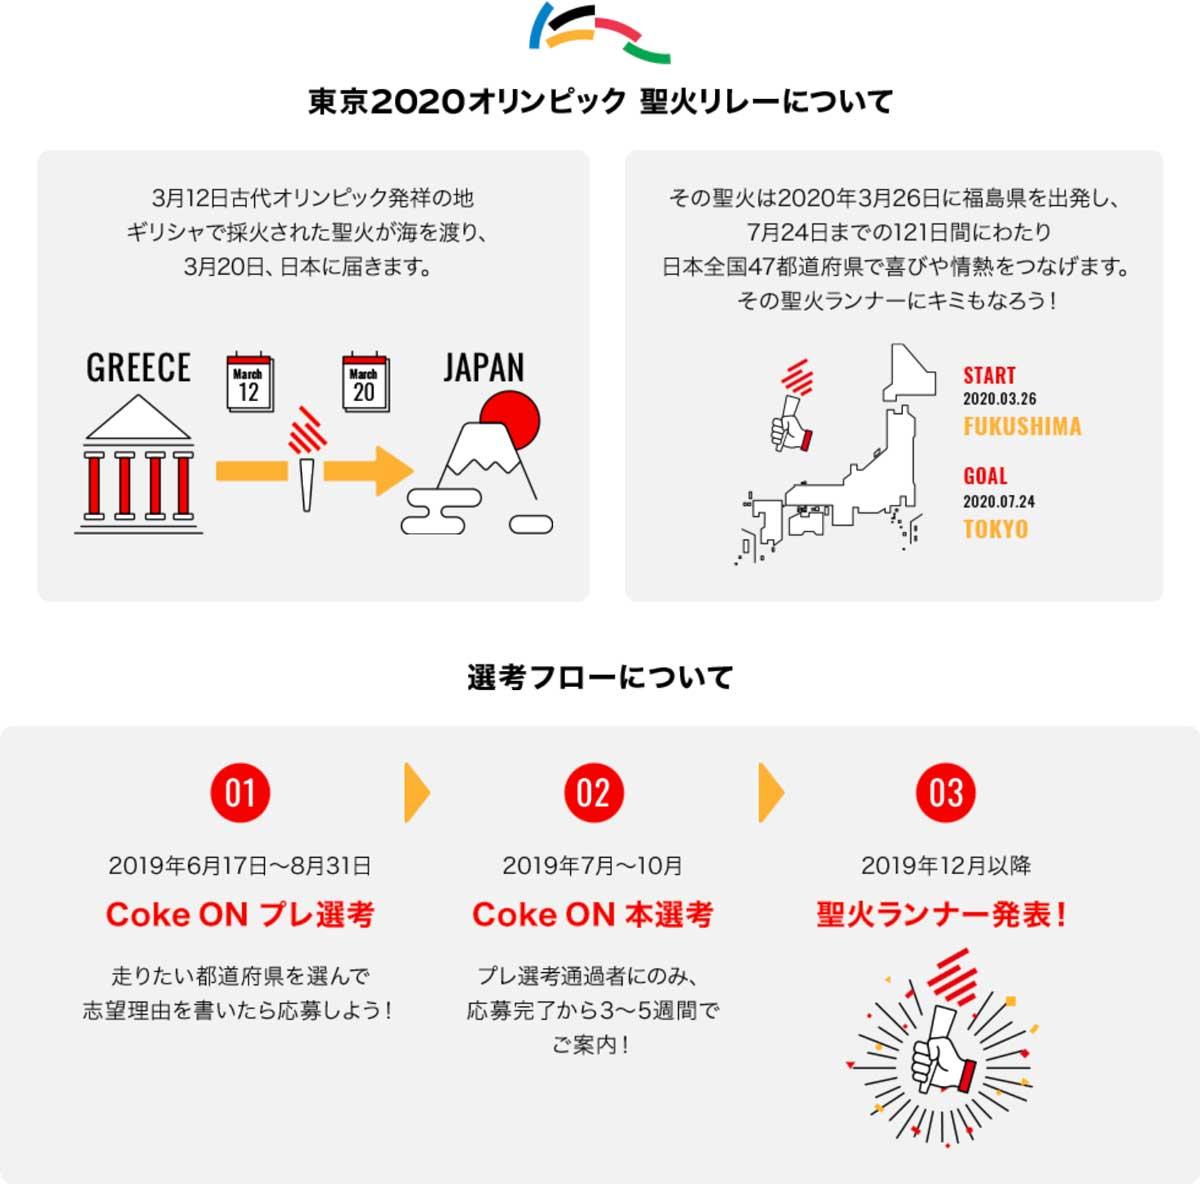 東京オリンピック2020の聖火ランナーの応募方法や手順をまとめた!コカコーラ編! tokyo2020_cocacola_02